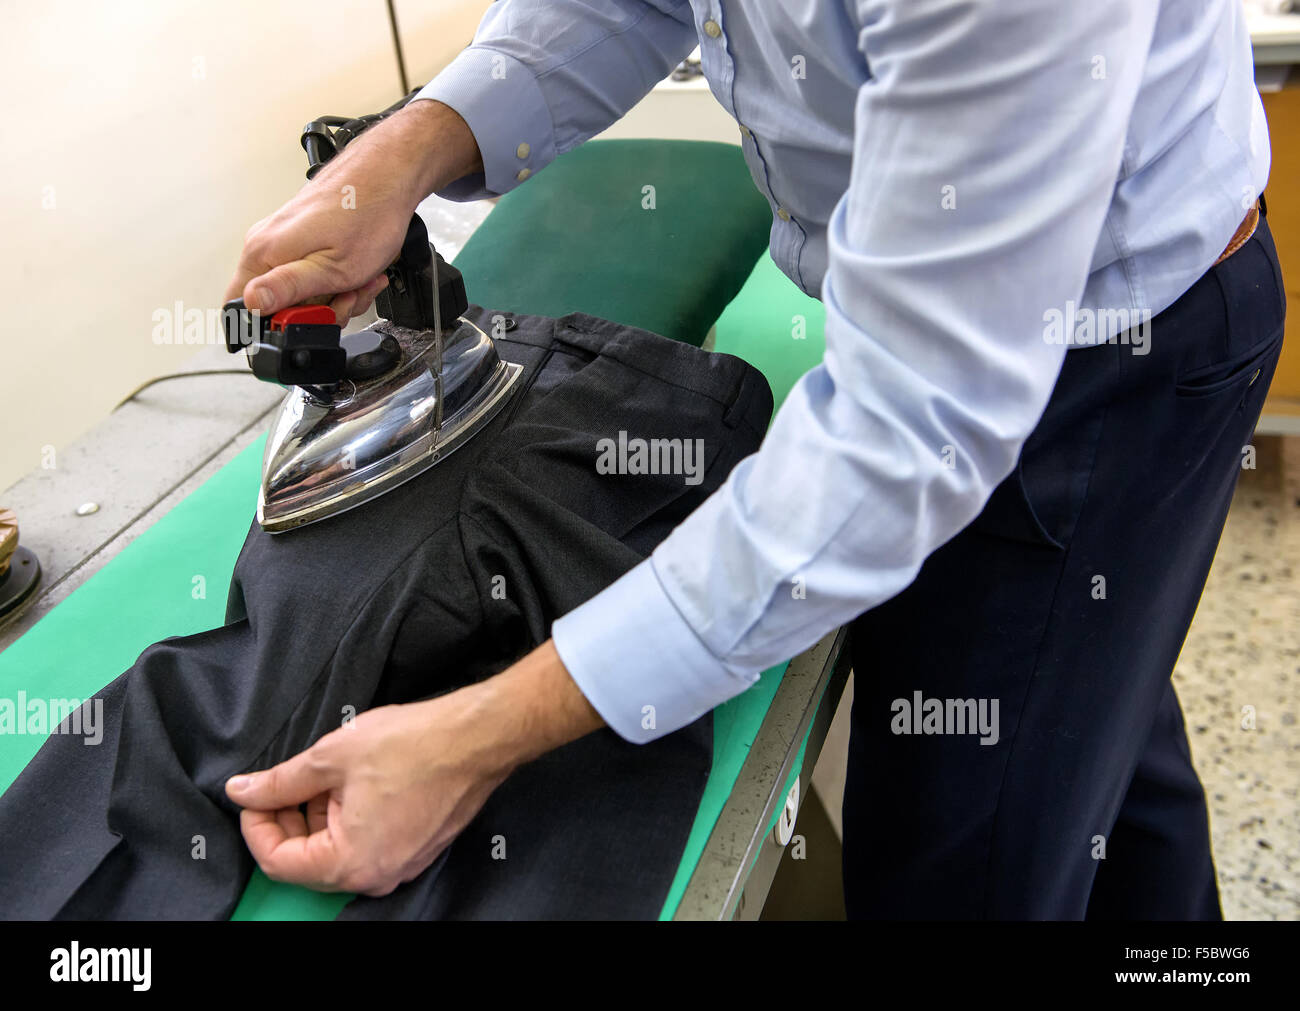 Ironing Stock Photos Amp Ironing Stock Images Alamy